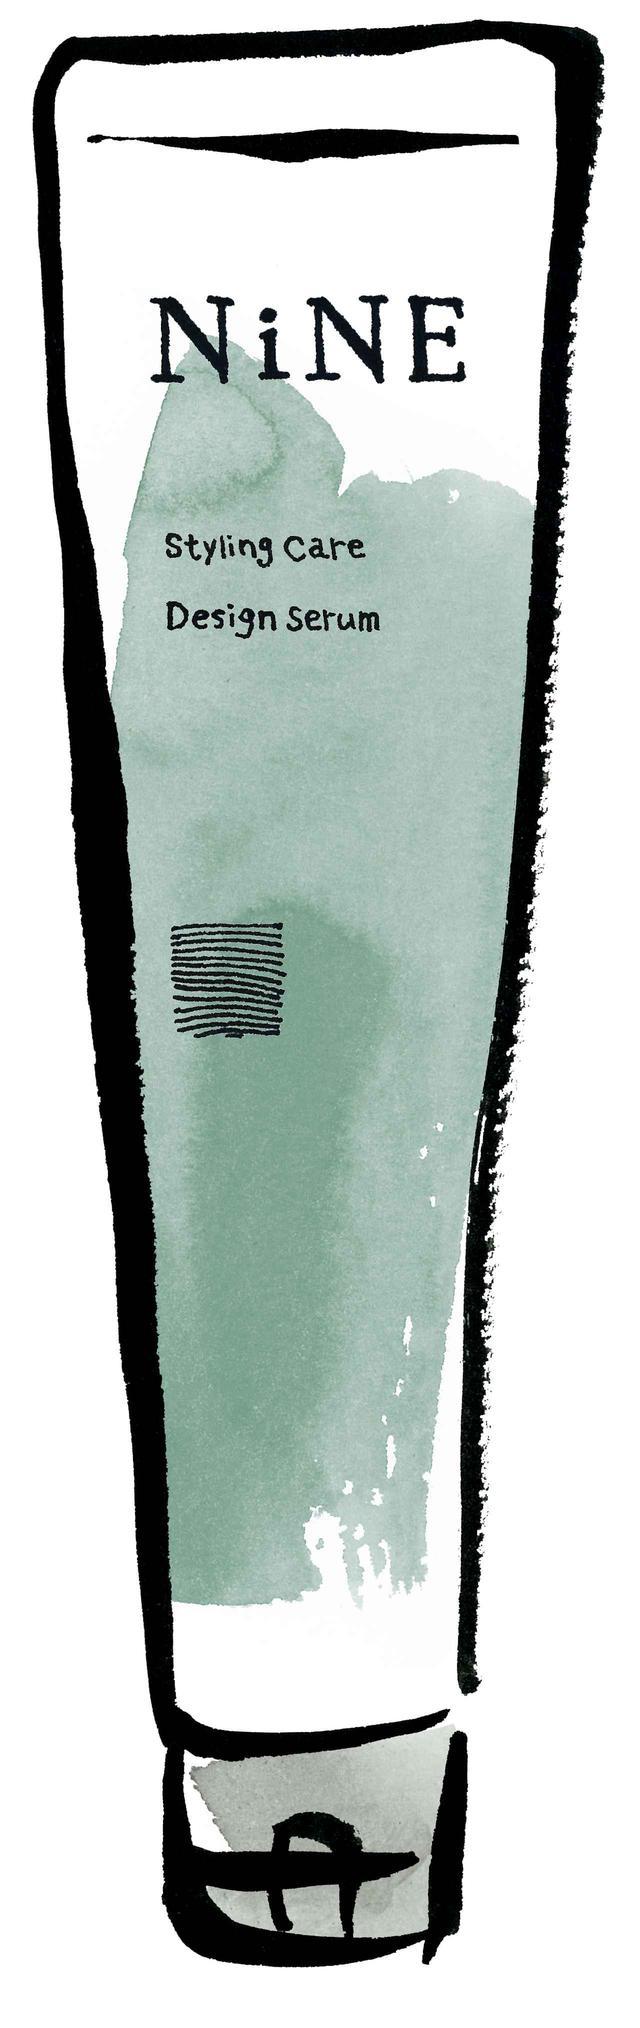 画像: ■デザインセラム こなれたセミウエットな質感と、ナチュラルなスタイリングを1本で表現できるクリーム。手のひらで広げるとオイルベースへと変化。ラフな巻髪スタイルに、柔らかさのあるツヤ感を与えつつ、エアリーなデザインを叶えます。